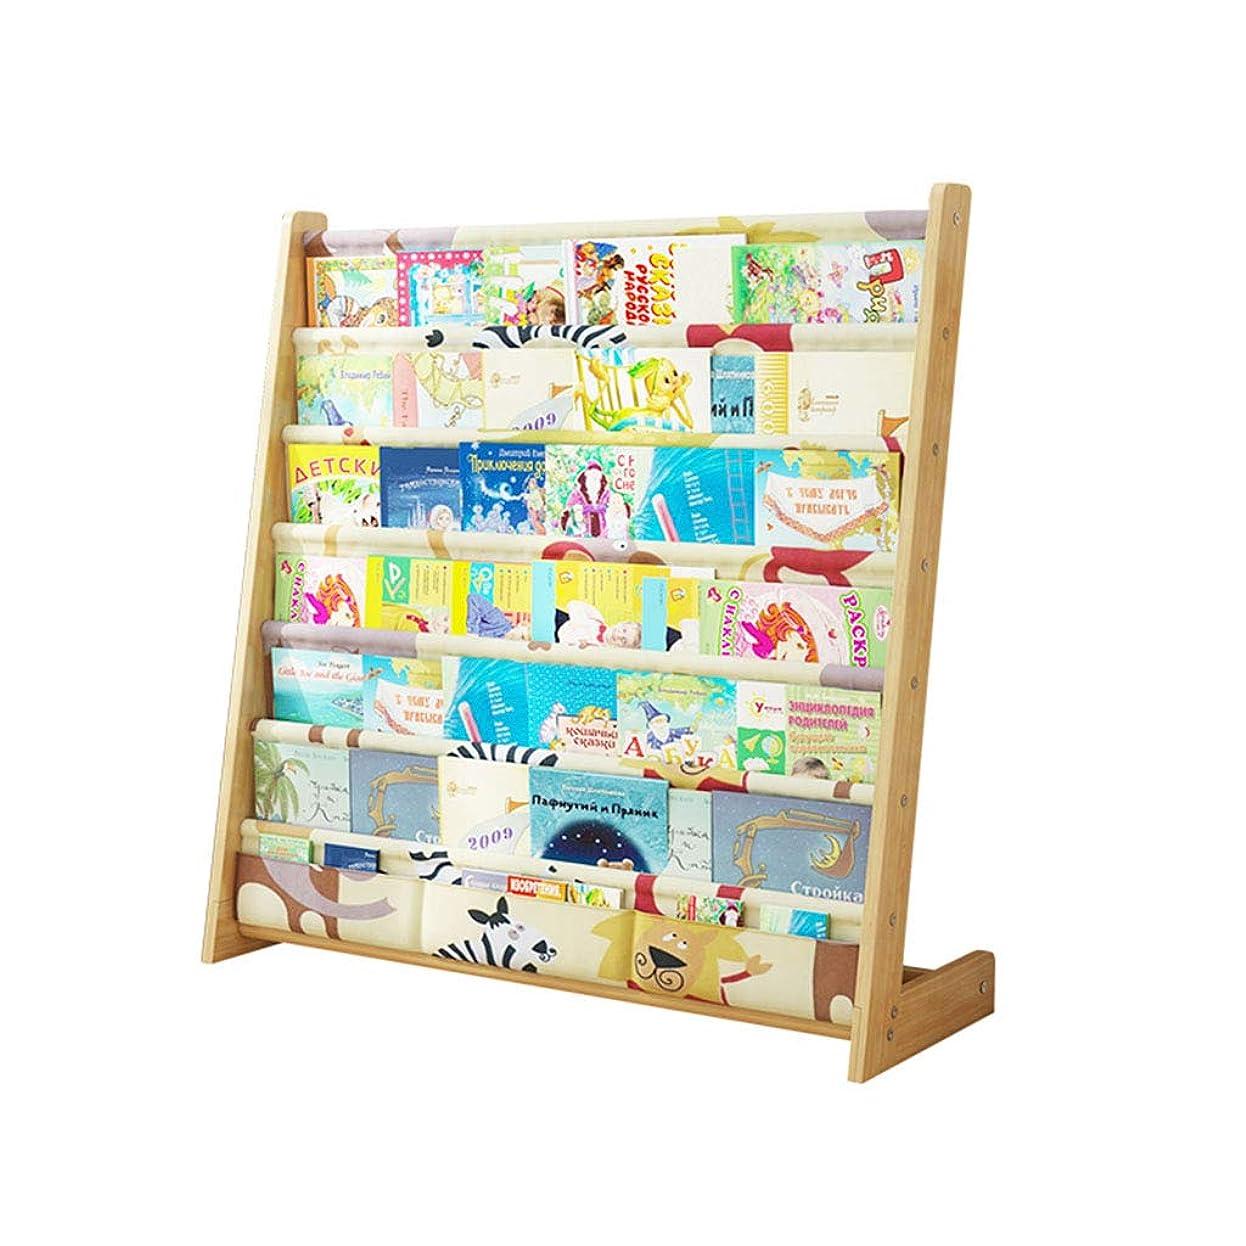 オセアニアファンシー修正する子供の本棚 木製の単純なアセンブリの本棚 床立ての子供のストレージラック 多機能の赤ちゃんの絵本の棚 (Color : Wood color, Size : 79*75*30cm)